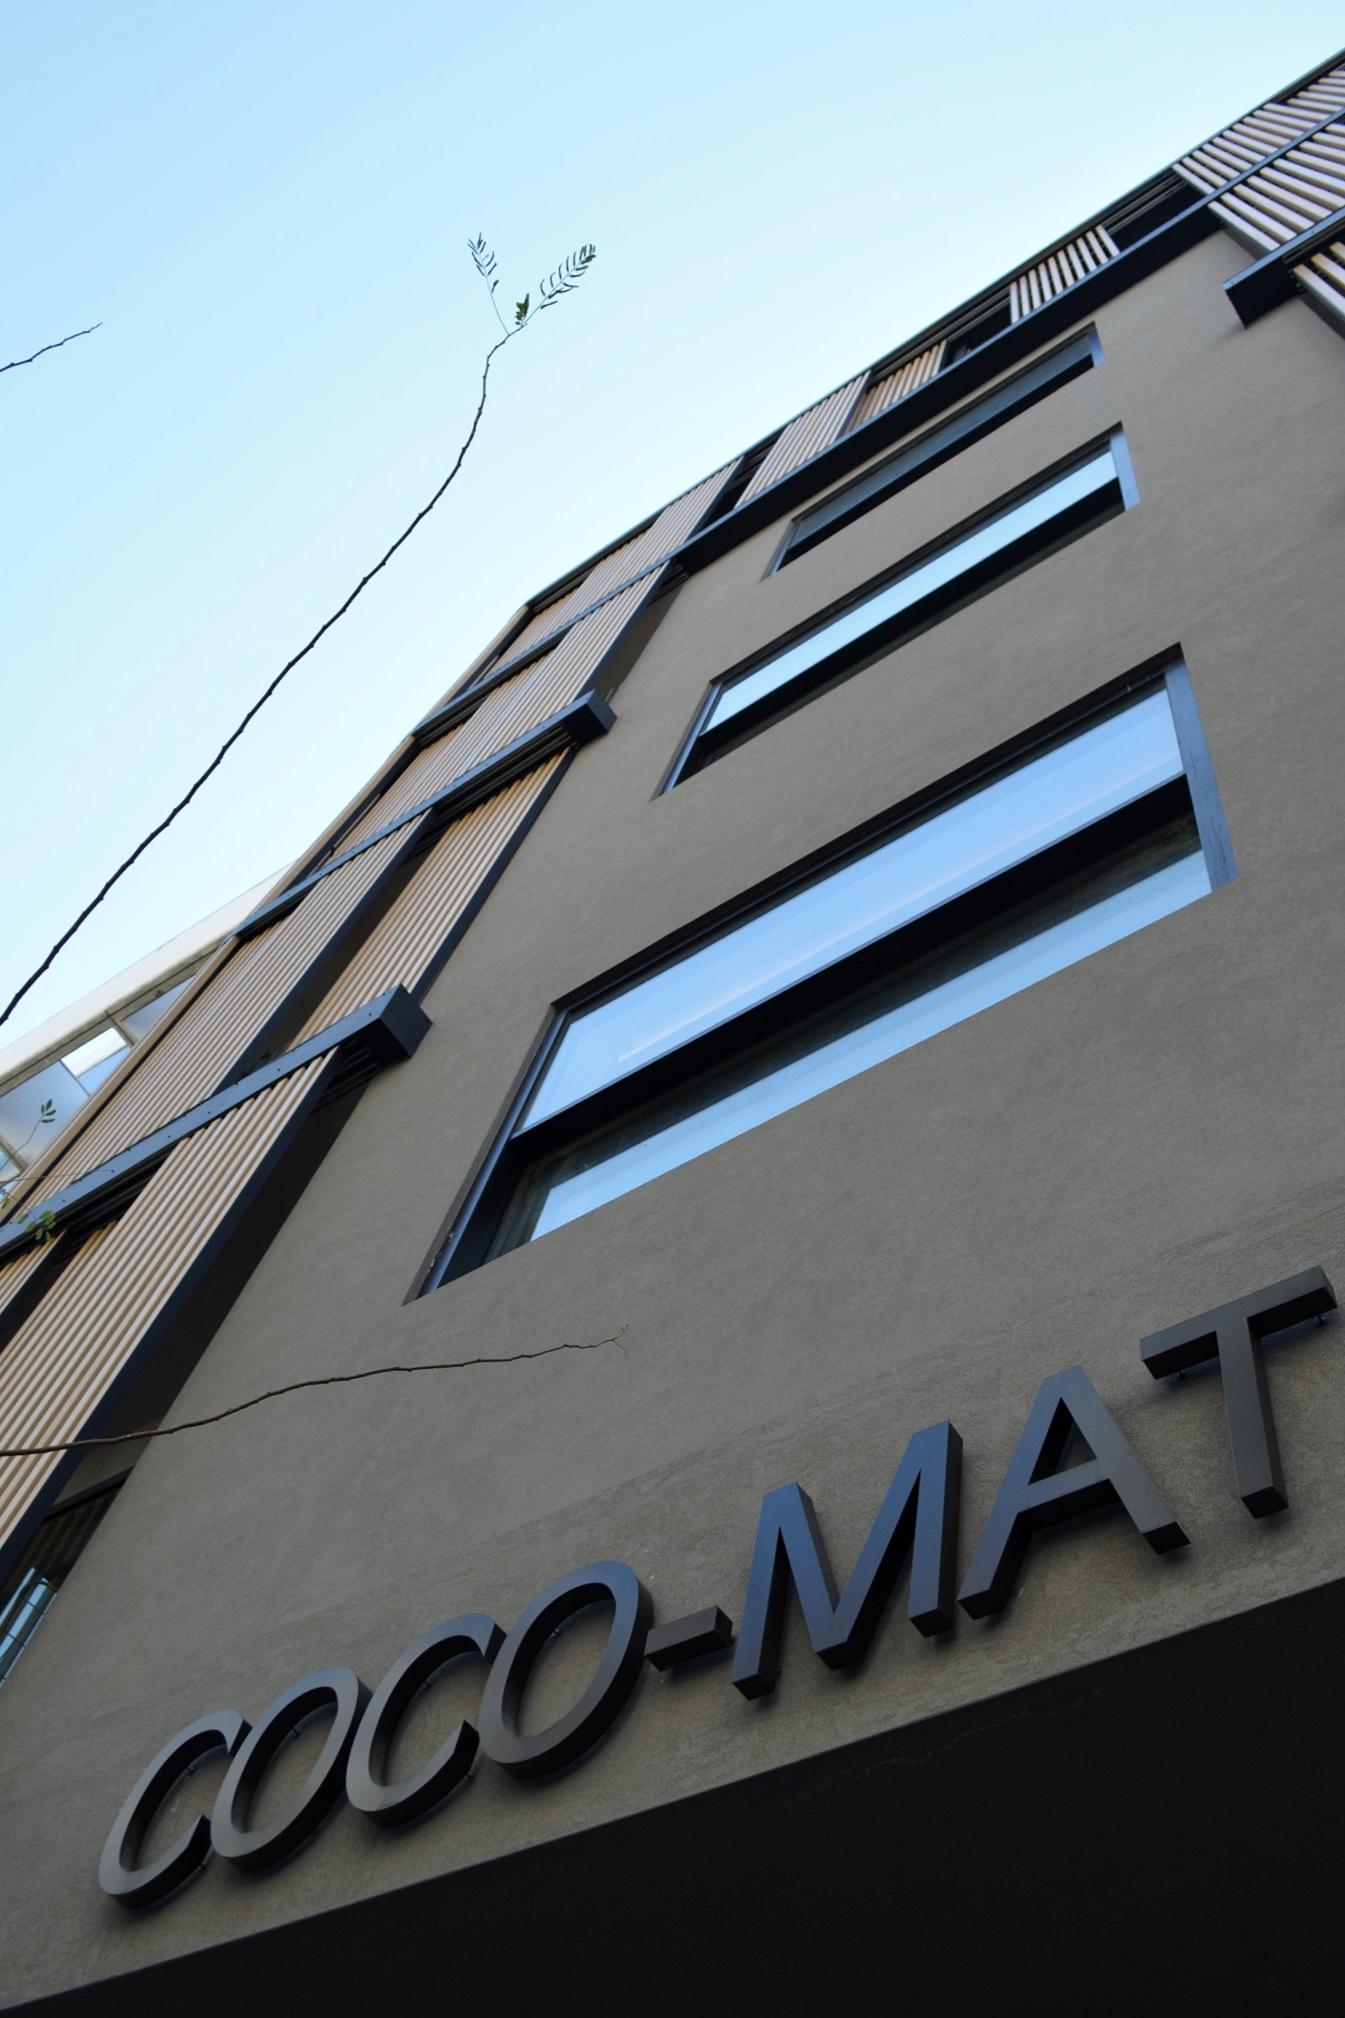 Ξενοδοχείο Coco-Mat Athens